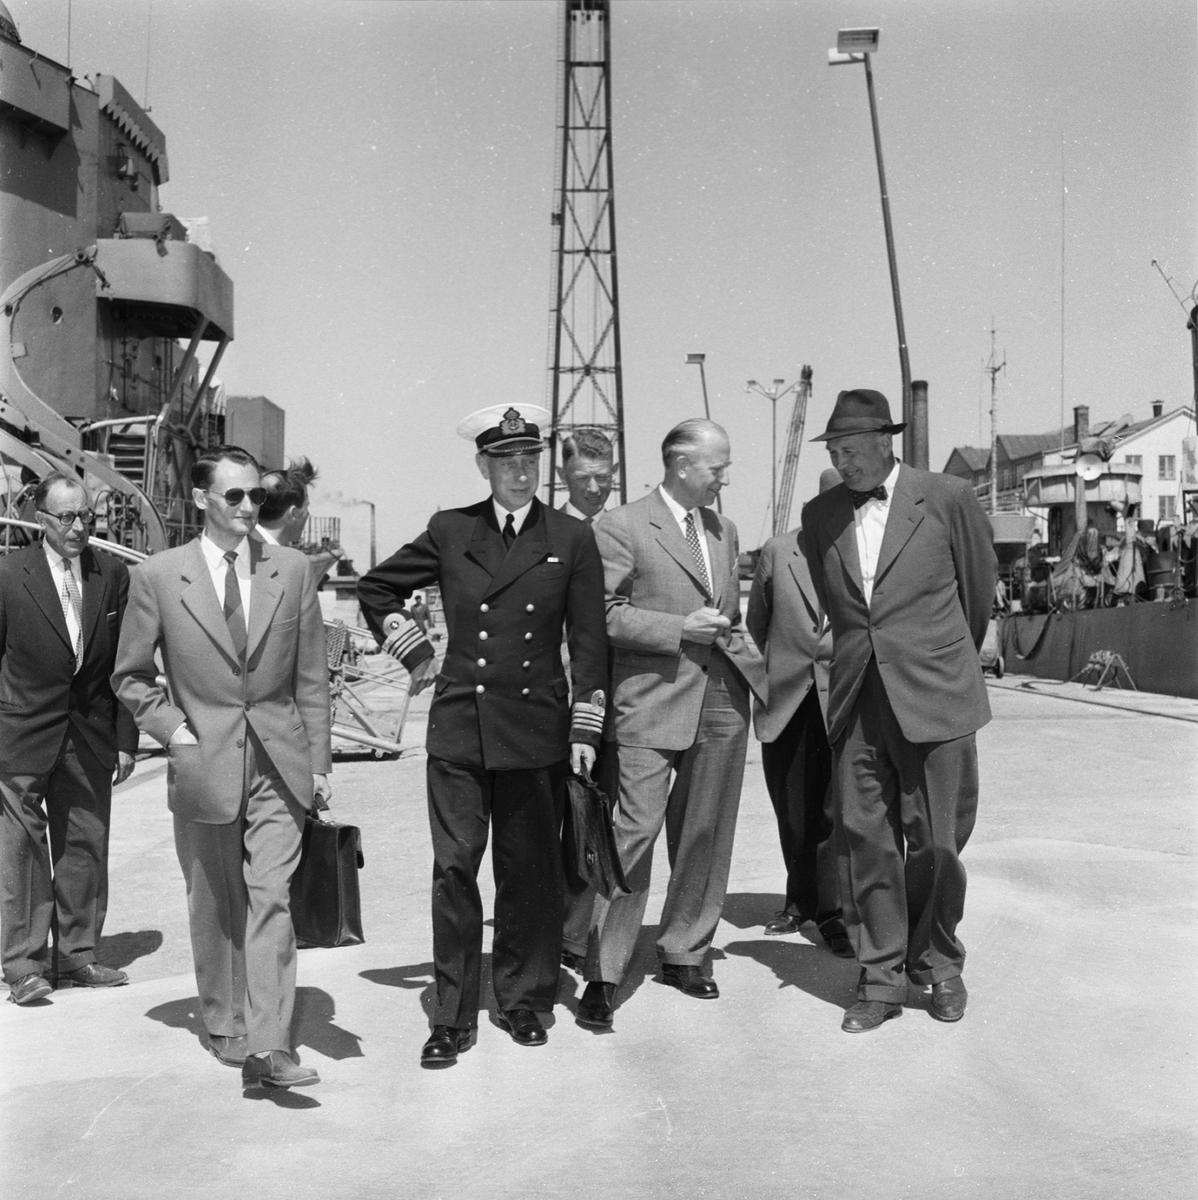 Övrigt: Fotodatum:5/6 1959 Byggnader och Kranar. Invigning av nya utrustningspiren.